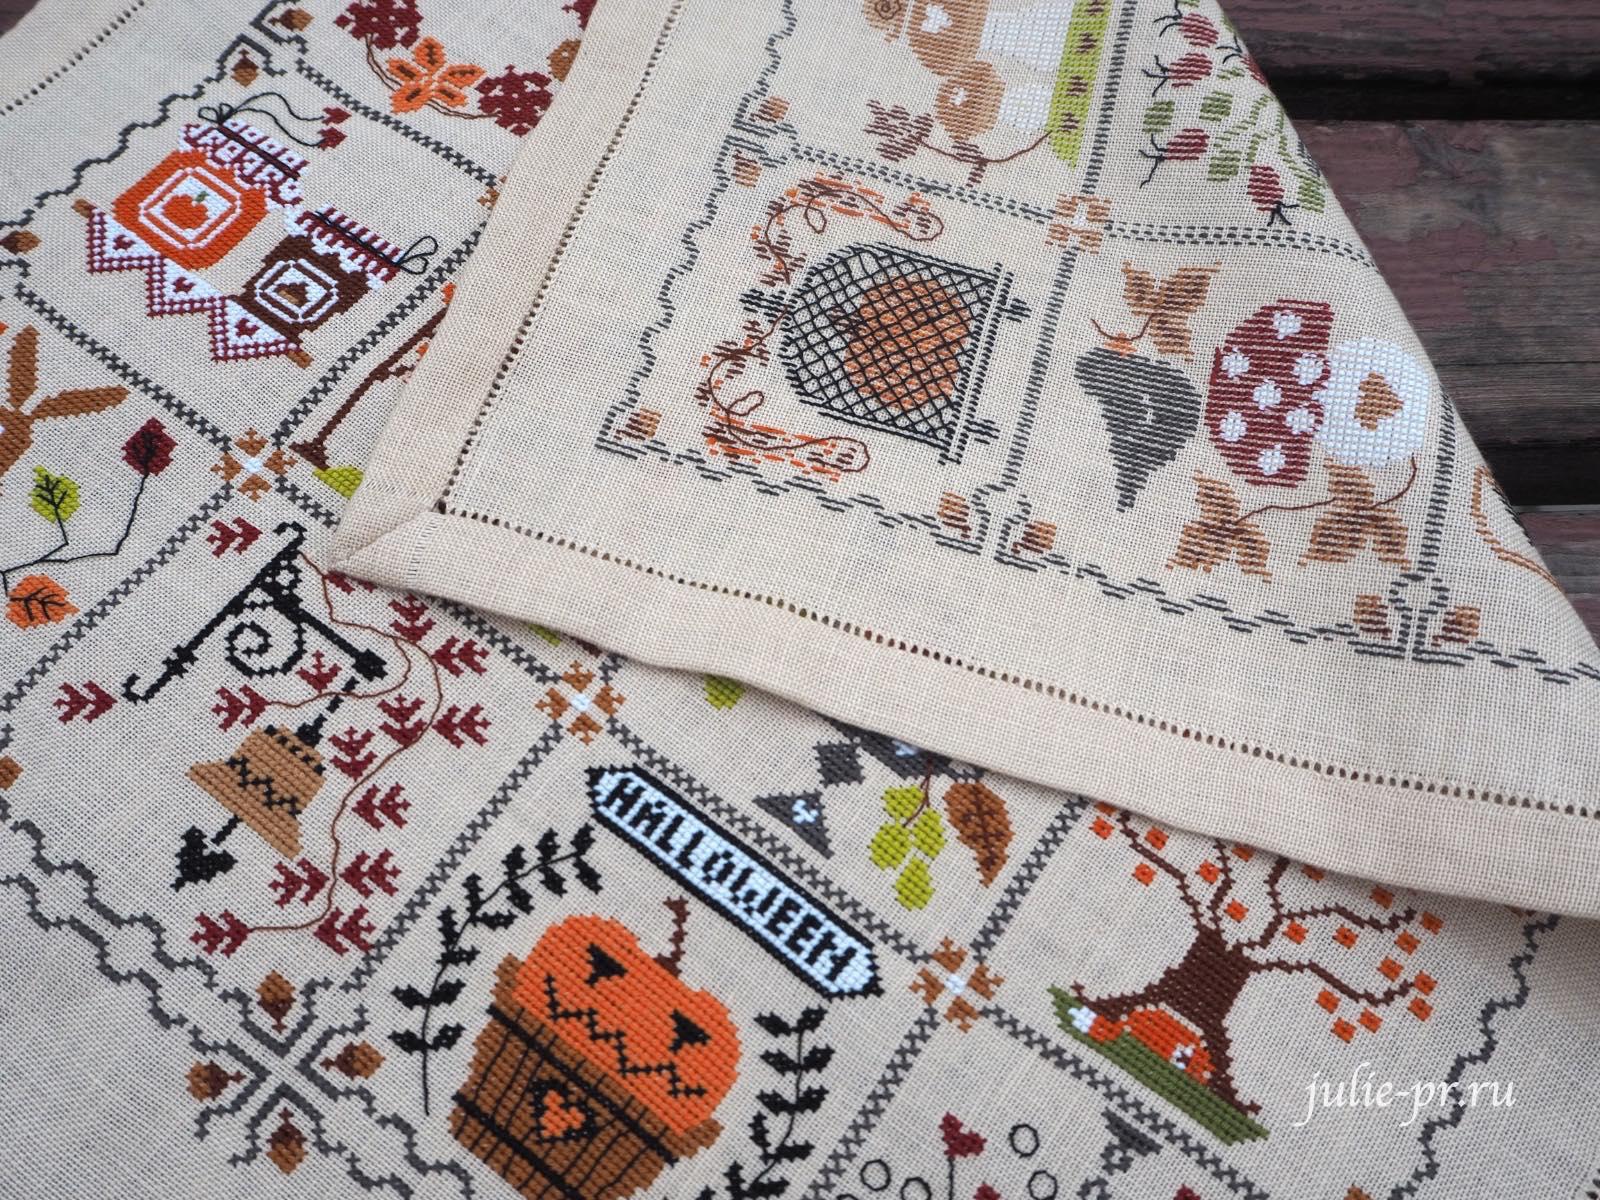 вышивка крестом, Cuore e batticuore - Shabby Autumn Calendar, осенний шебби календарь, идеальная изнанка